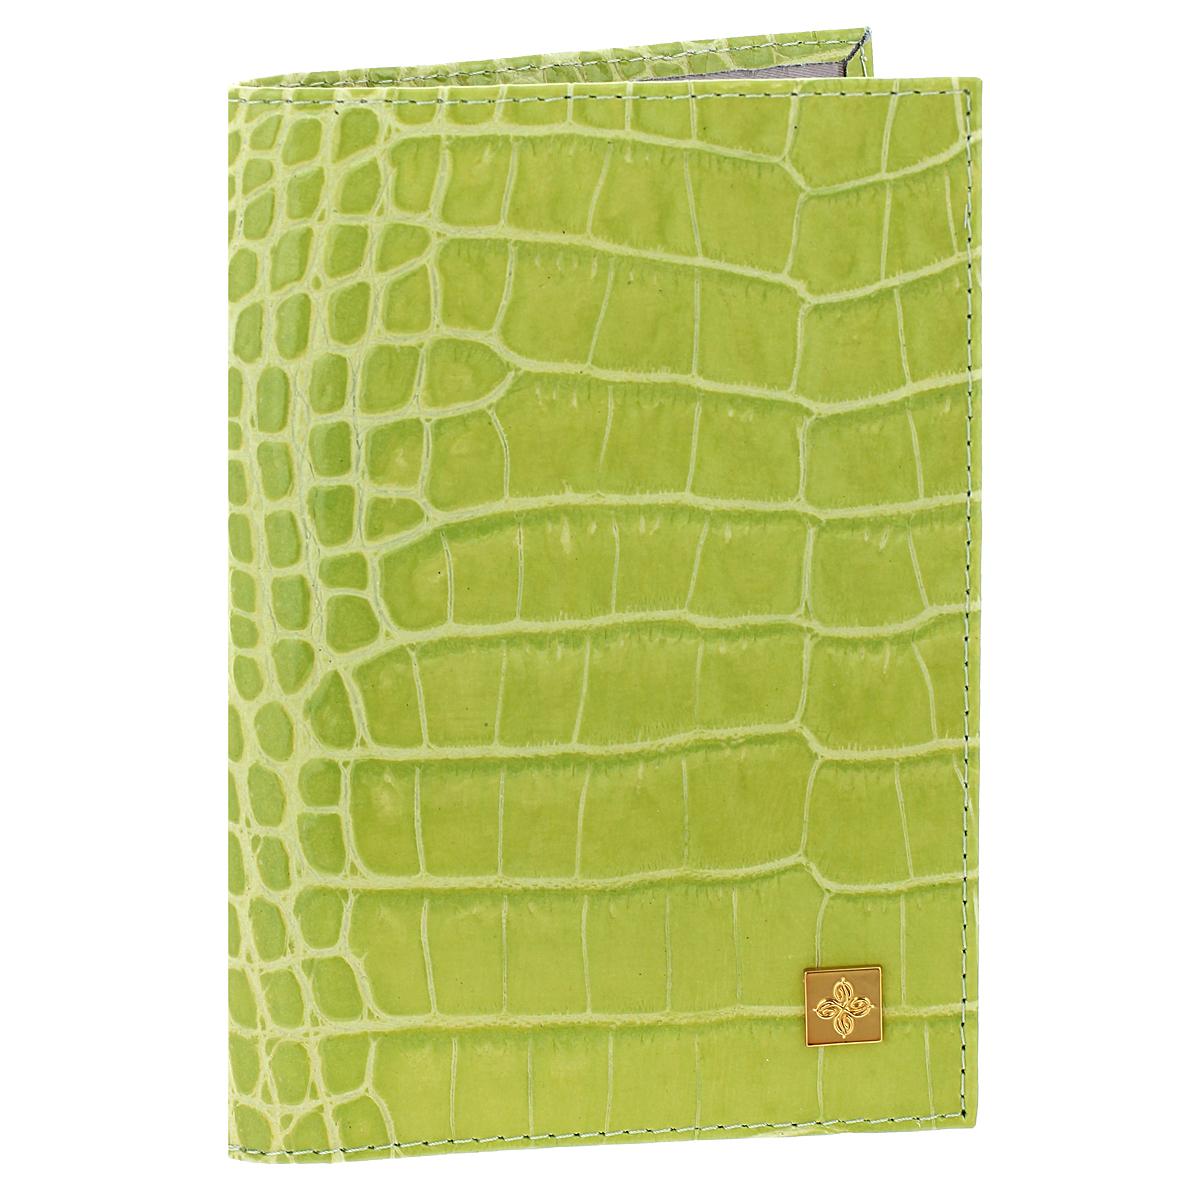 """Обложка для паспорта женская Dimanche Lime, цвет: лайм. 39135680Стильная обложка Lime выполнена из натуральной лаковой кожи с фактурным тиснением """"под крокодила"""". На внутреннем развороте расположено два вертикальных кармана из прозрачного пластика. Такая обложка не только поможет сохранить внешний вид ваших документов и защитит их от повреждений, но и станет ярким аксессуаром, который подчеркнет ваш образ. Обложка упакована в подарочную картонную коробку с логотипом фирмы. Характеристики:Материал: натуральная кожа, ПВХ. Размер обложки: 9,5 см х 13,5 см х 1,5 см. Цвет: лайм."""